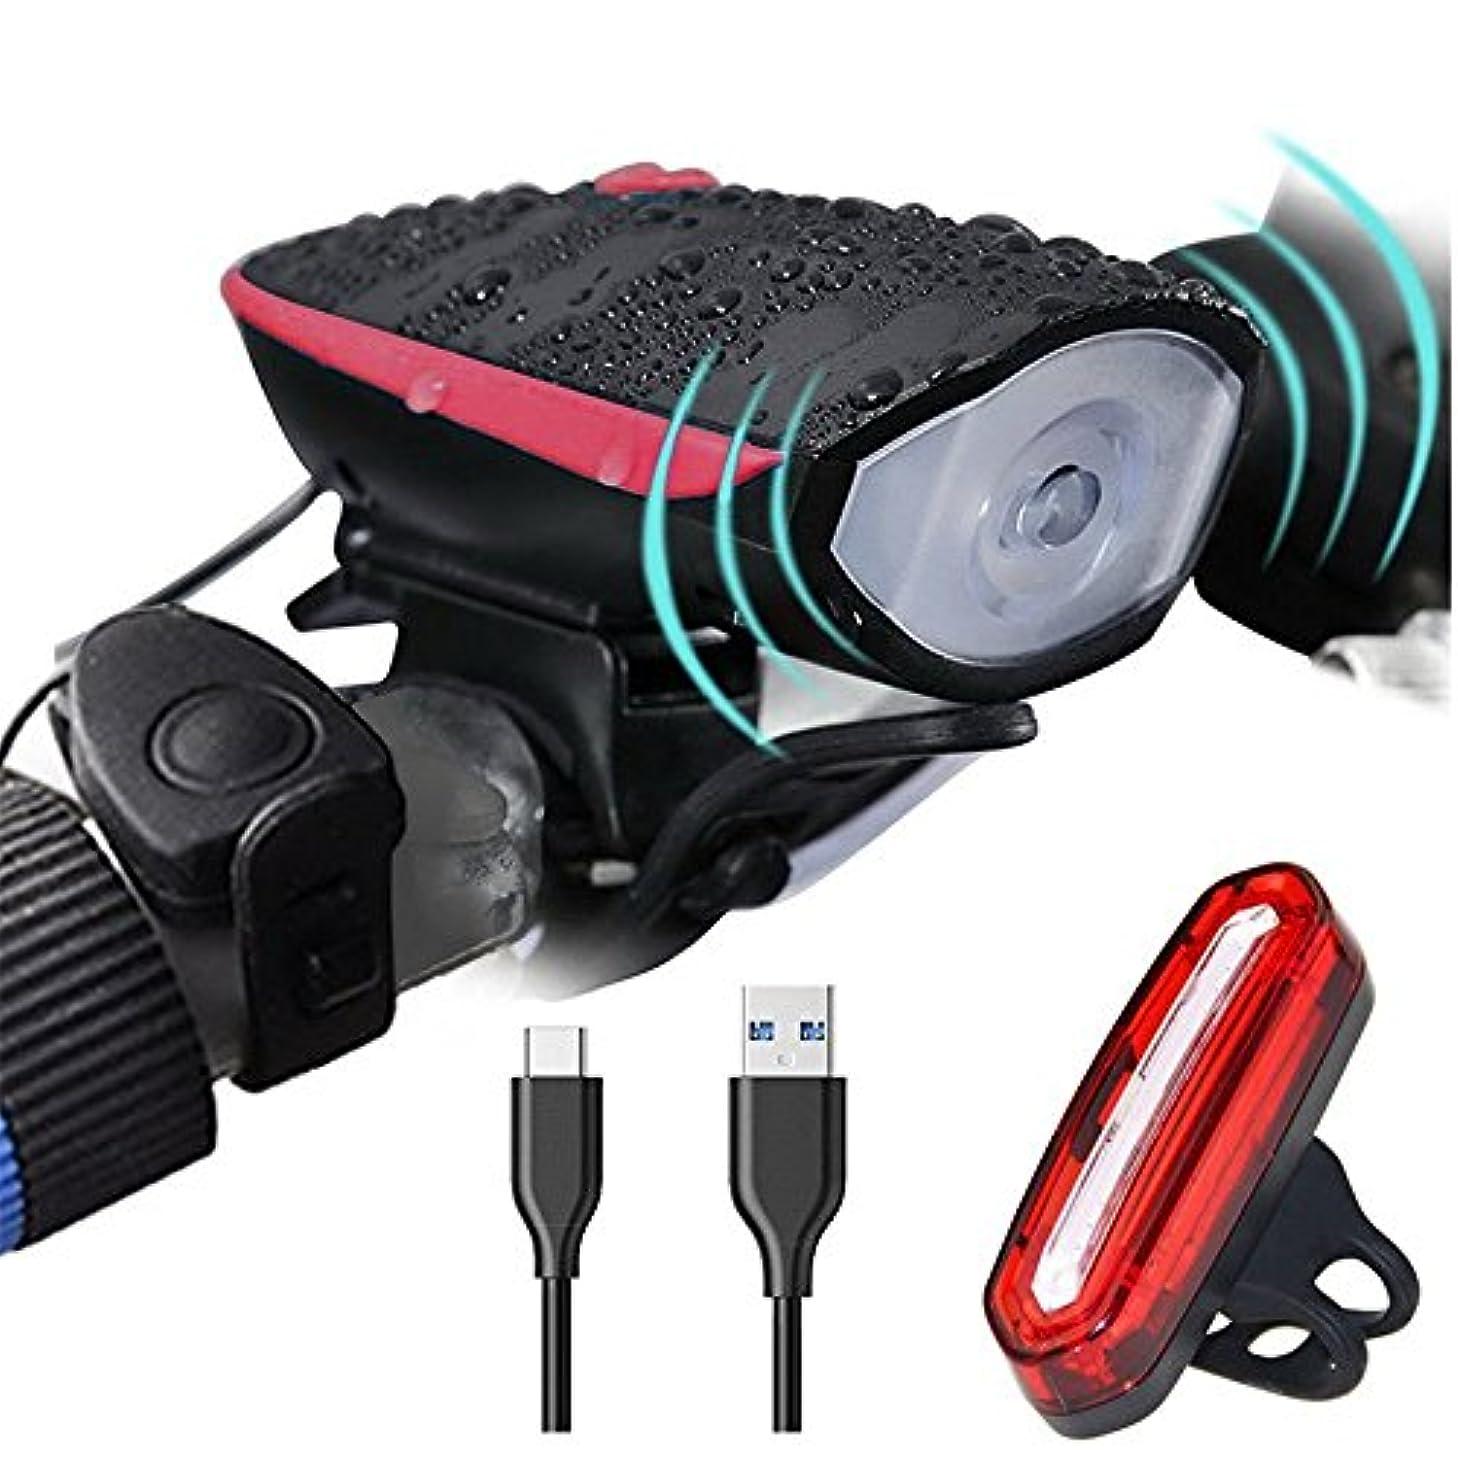 小道具関税スパイ充電式自転車ライト USB充電自転車ライト、スーパーブライト自転車ランプグループ、マウンテンLED自動運転ランプ、防水モード循環ランプ懐中電灯、1色とりどりのテールライト。